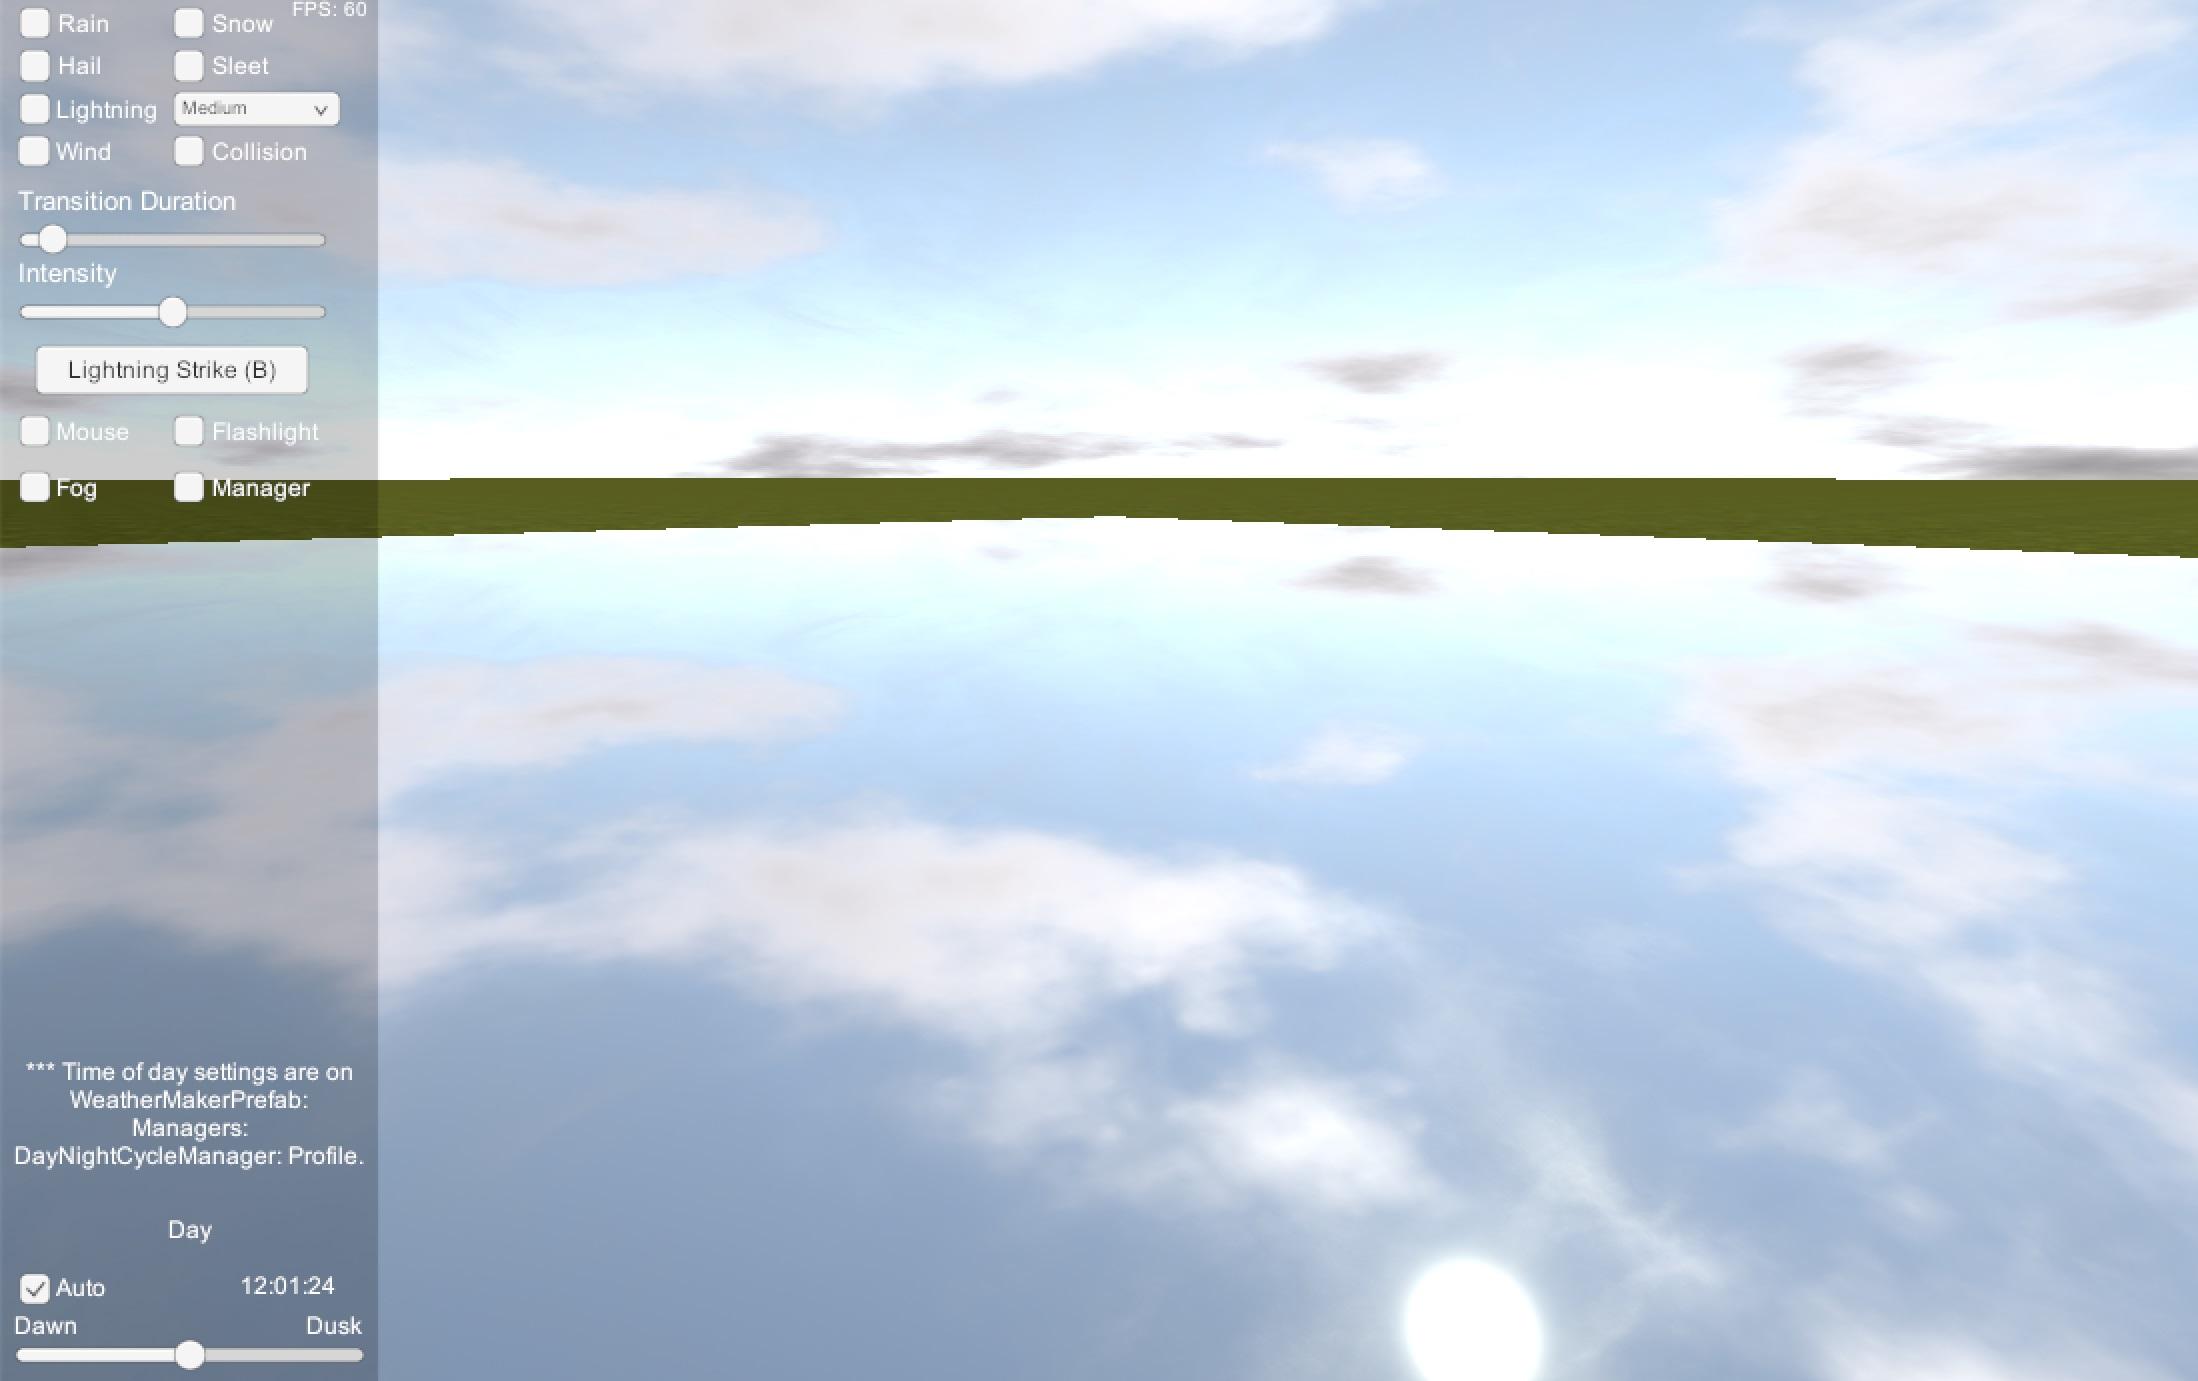 WeatherMakerReflectionProbe.jpg